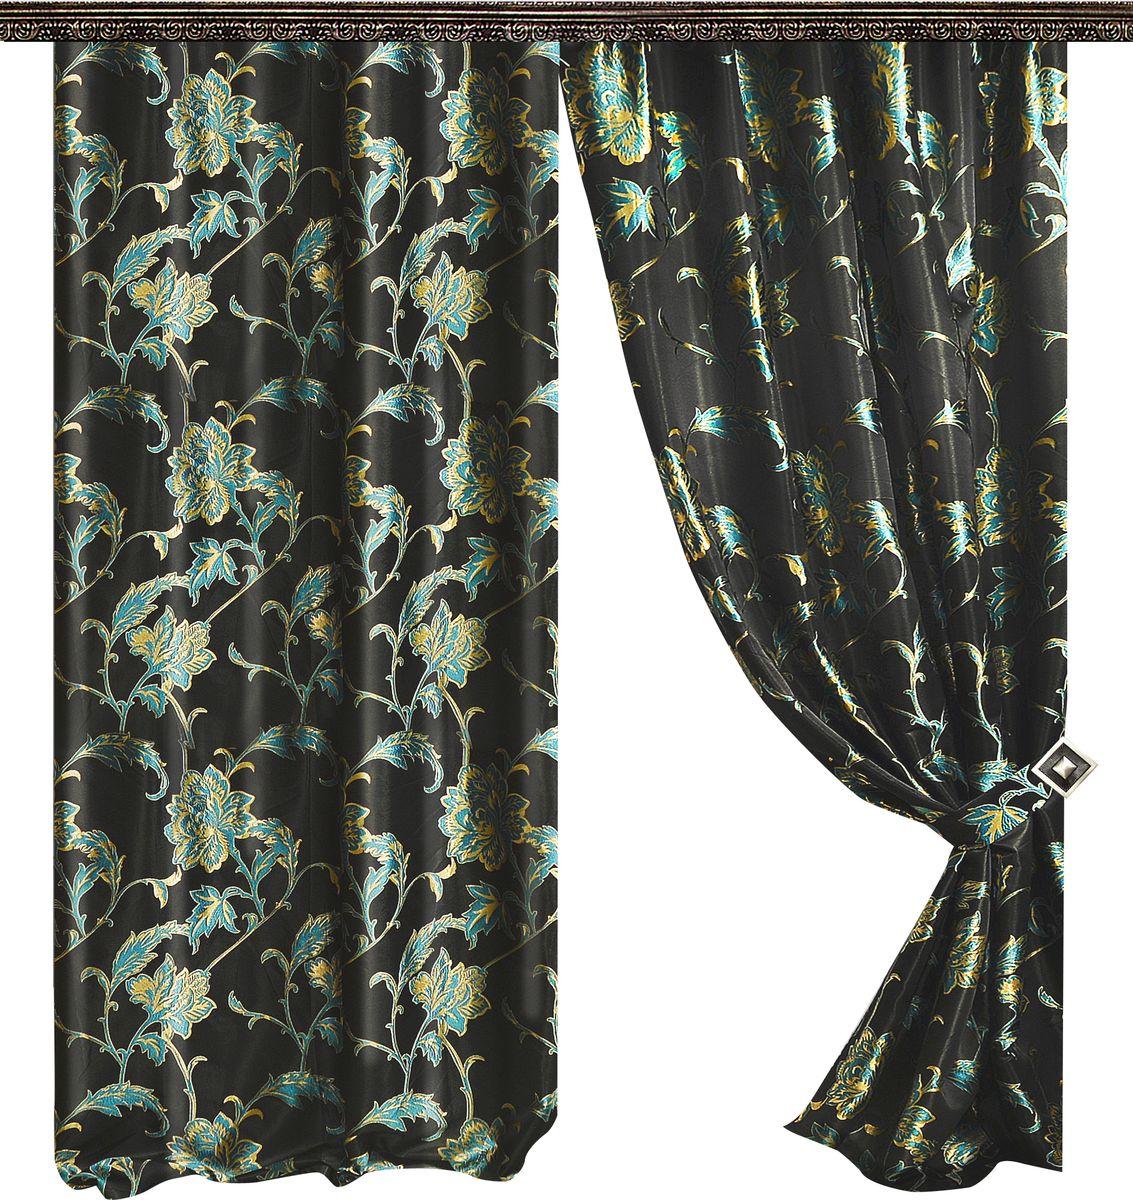 Комплект штор Zlata Korunka, на ленте, цвет: мультиколор, высота 260 см. 777055777055Роскошный комплект Zlata Korunka комплект состоит из двух штор и двух подхватов, выполненных из 100% полиэстера, которые великолепно украсит любое окно.Плотная ткань, оригинальный орнамент и приятная цветовая гамма привлекут к себе внимание и органично впишутся в интерьер помещения. Комплект крепится на карниз при помощи шторной ленты, которая поможет красиво и равномерно задрапировать верх.Этот комплект будет долгое время радовать вас и вашу семью! В комплект входит: Штора: 2 шт. Размер (ШхВ): 145 см х 260 см.Подхват: 2 шт.